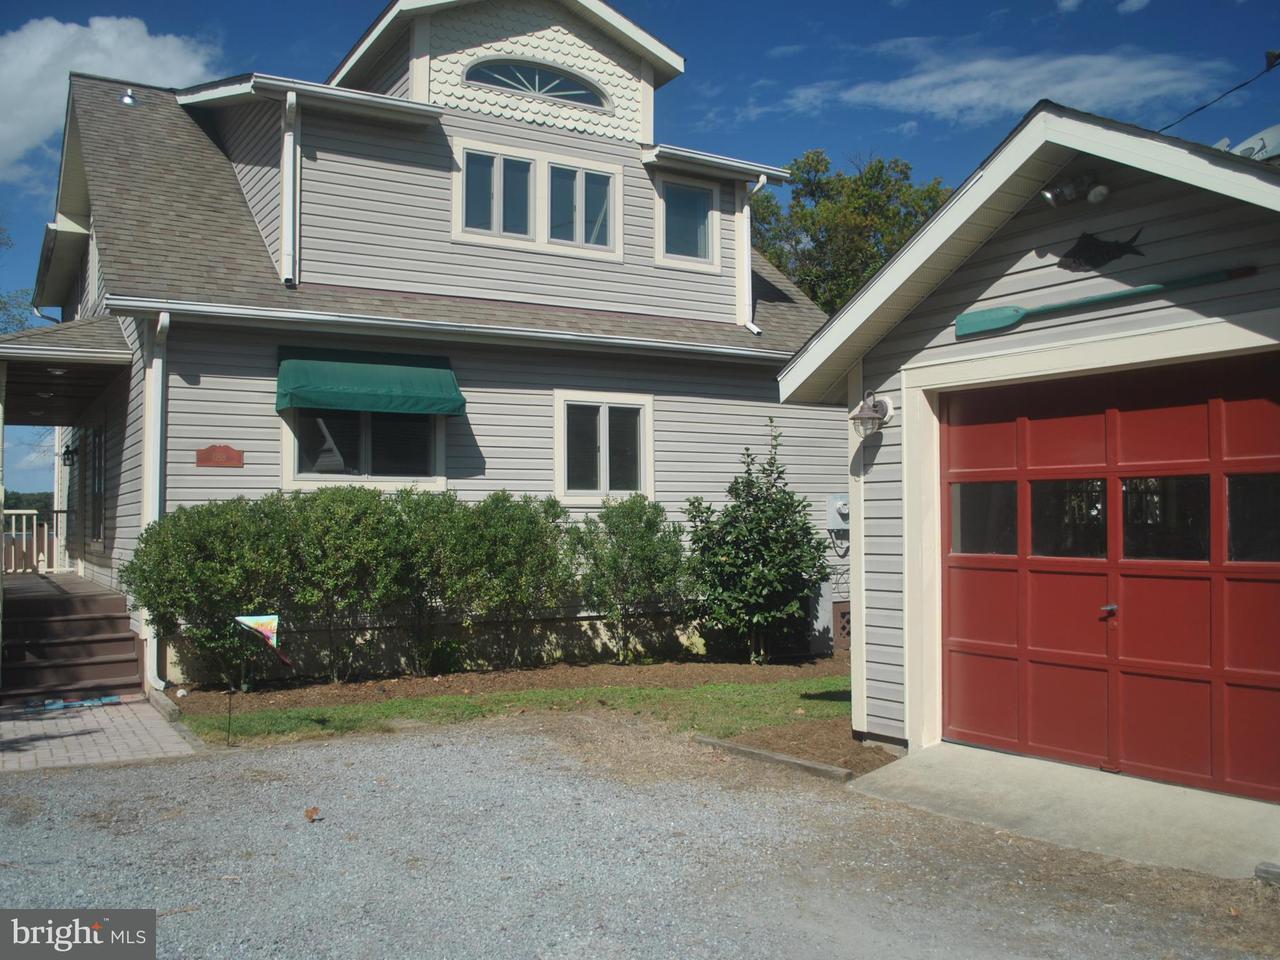 Maison unifamiliale pour l Vente à 1218 HAYES ROAD 1218 HAYES ROAD Shady Side, Maryland 20764 États-Unis